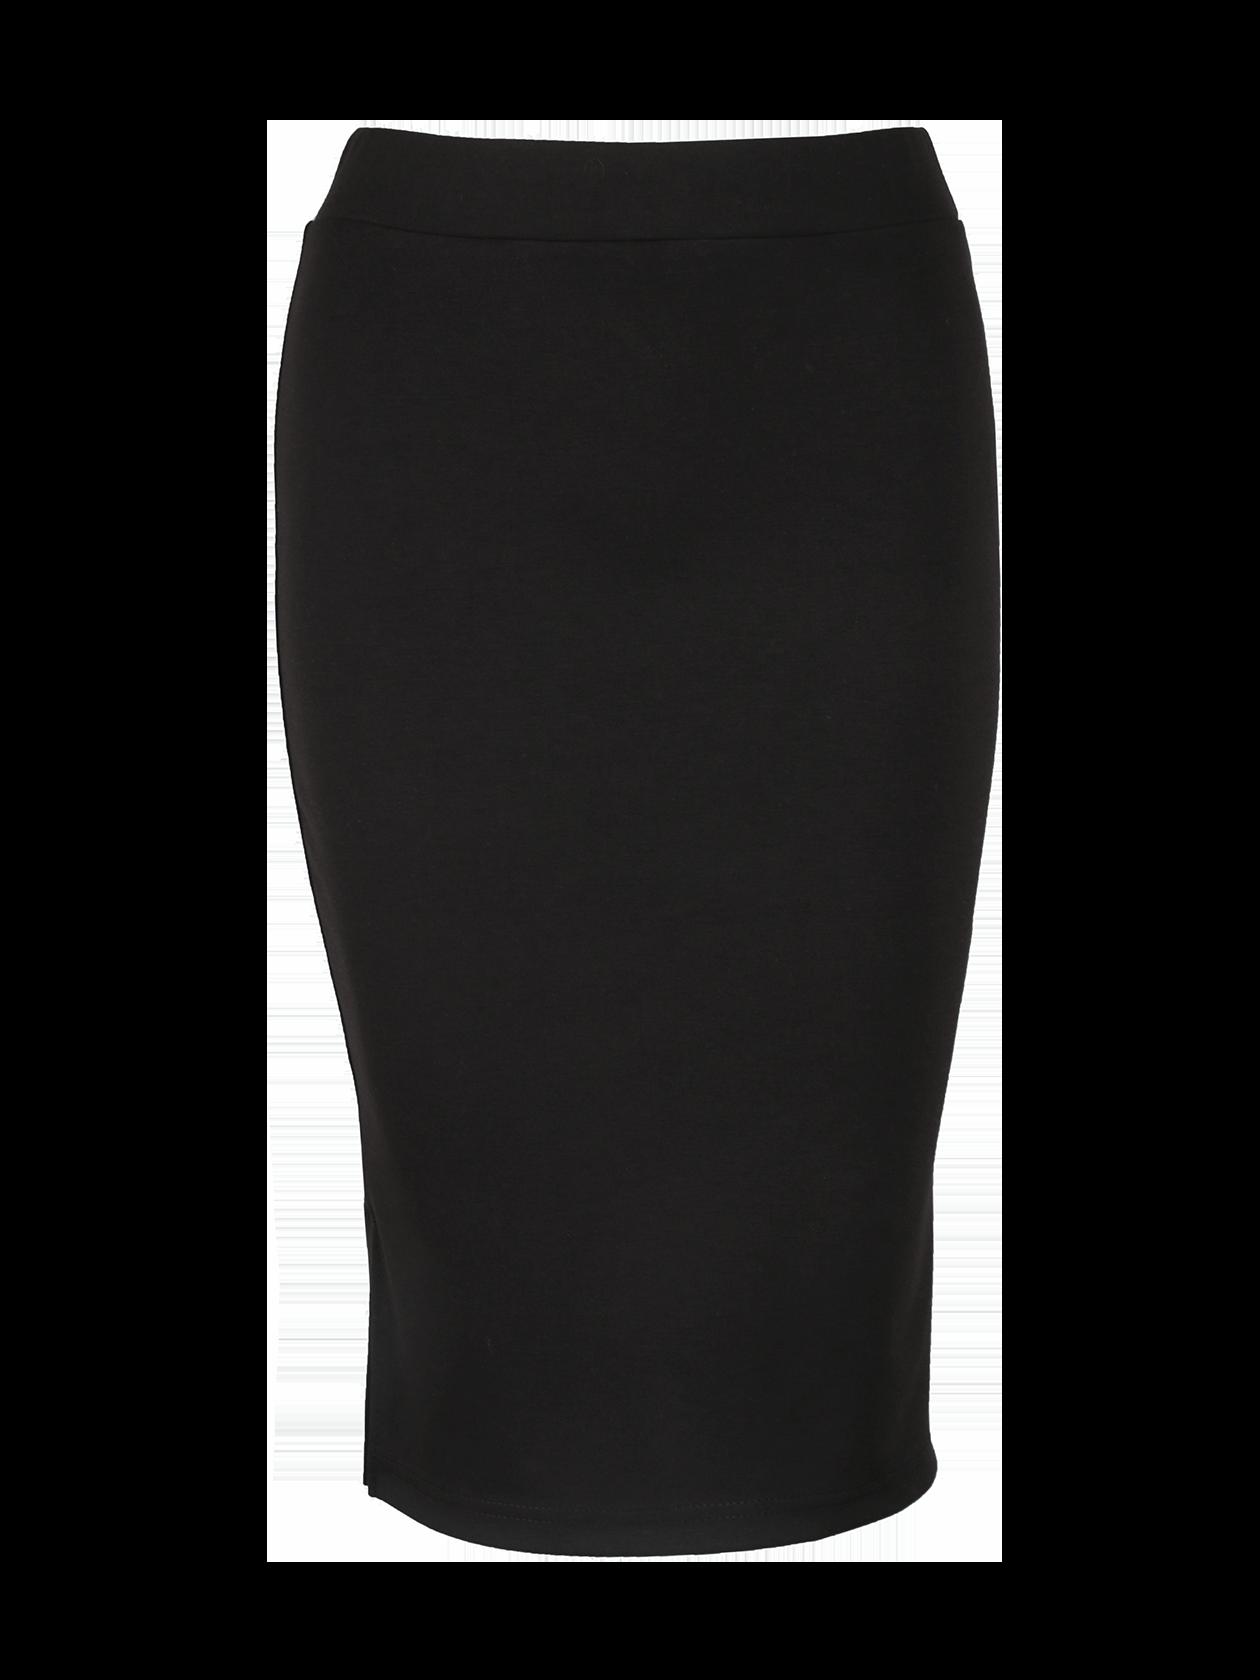 Юбка женская ROYALTY SKINNYЮбка женская Royalty Skinny – идеальное решение для создания стиля на каждый день. Модель классического силуэта «карандаш» с облегающим кроем и длиной по колено. Пояс оформлен широким эластичным трикотажем. Изделие представлено в базовом черном цвете, выполнено из высококачественного материала. Юбка от Black Star Wear комбинируется с различной обувью и одеждой, подходит для работы, прогулок и отдыха.<br><br>Размер: M<br>Цвет: Черный<br>Пол: Женский